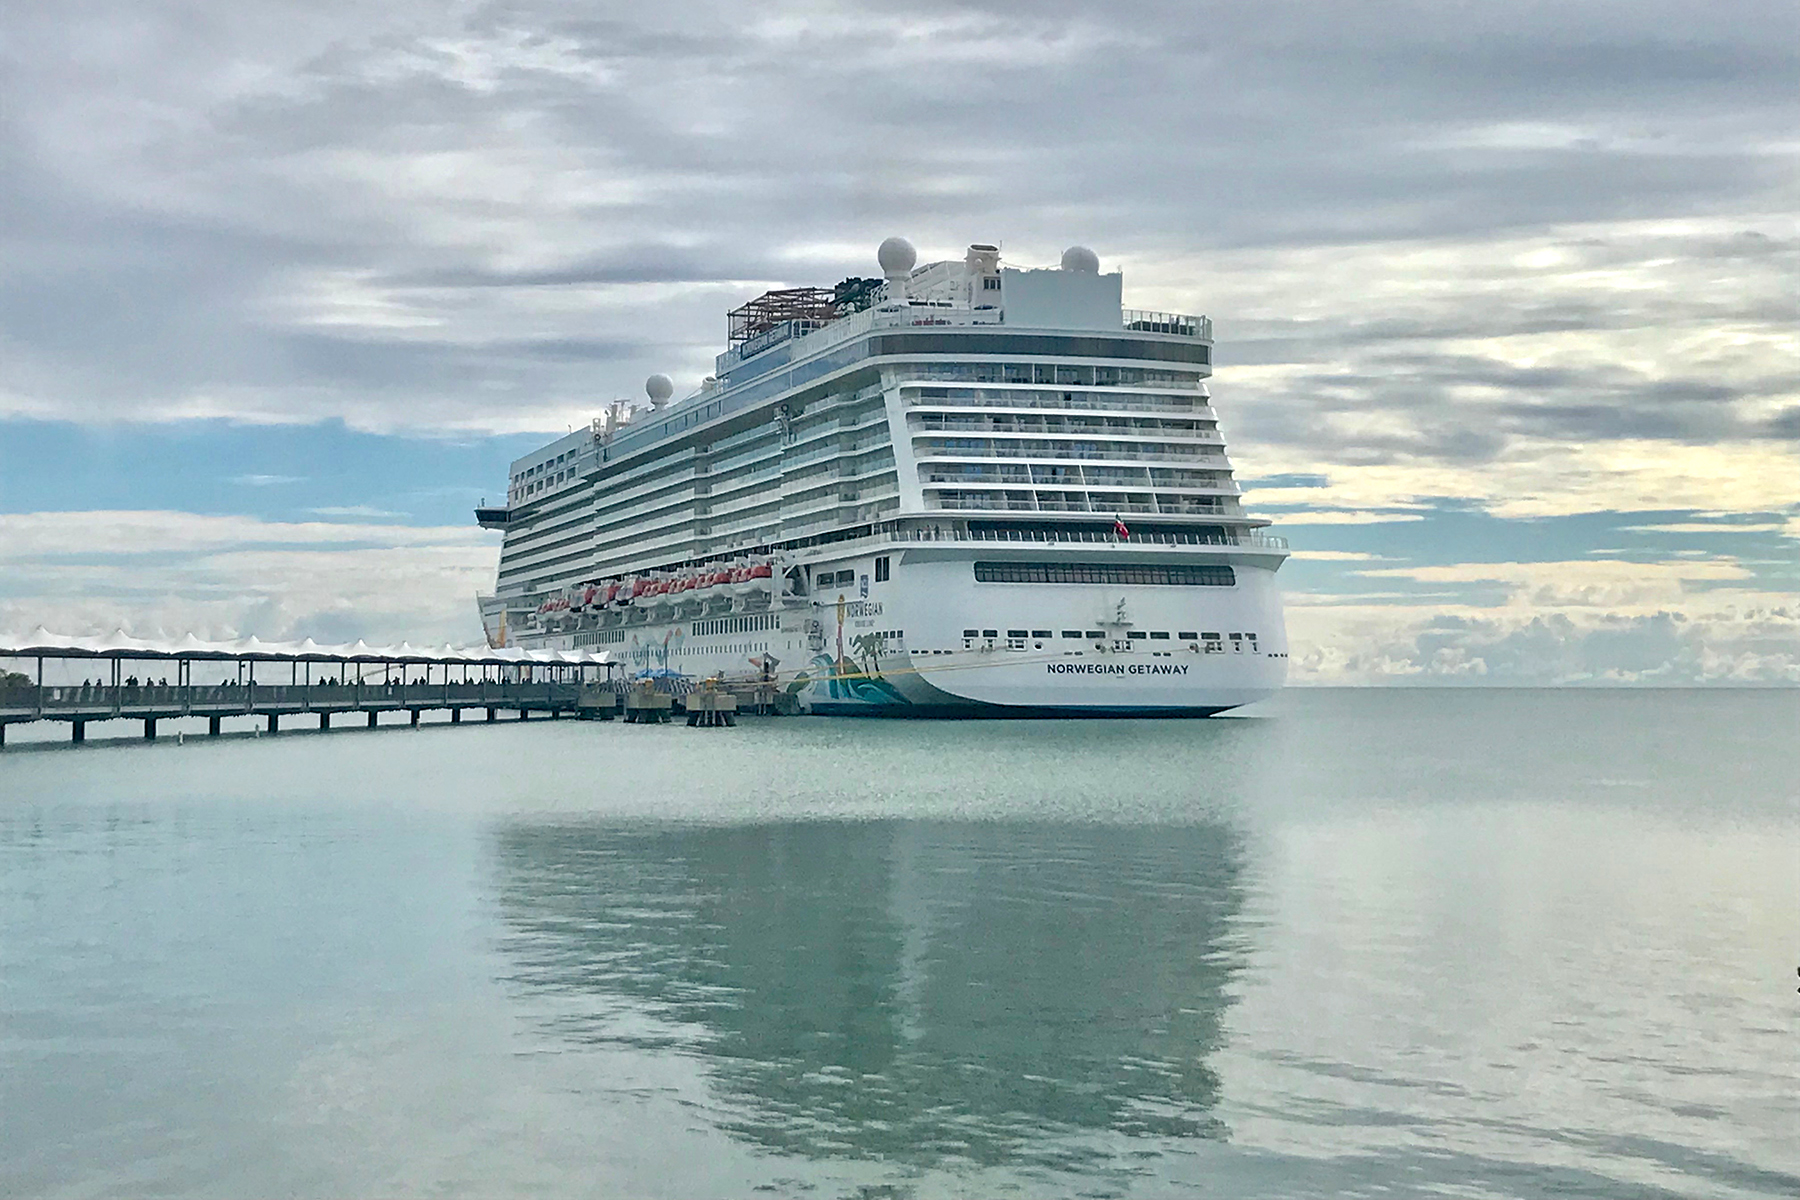 Karibik-Kreuzfahrt: 13 Tipps für eine Kreuzfahrt in die Karibik